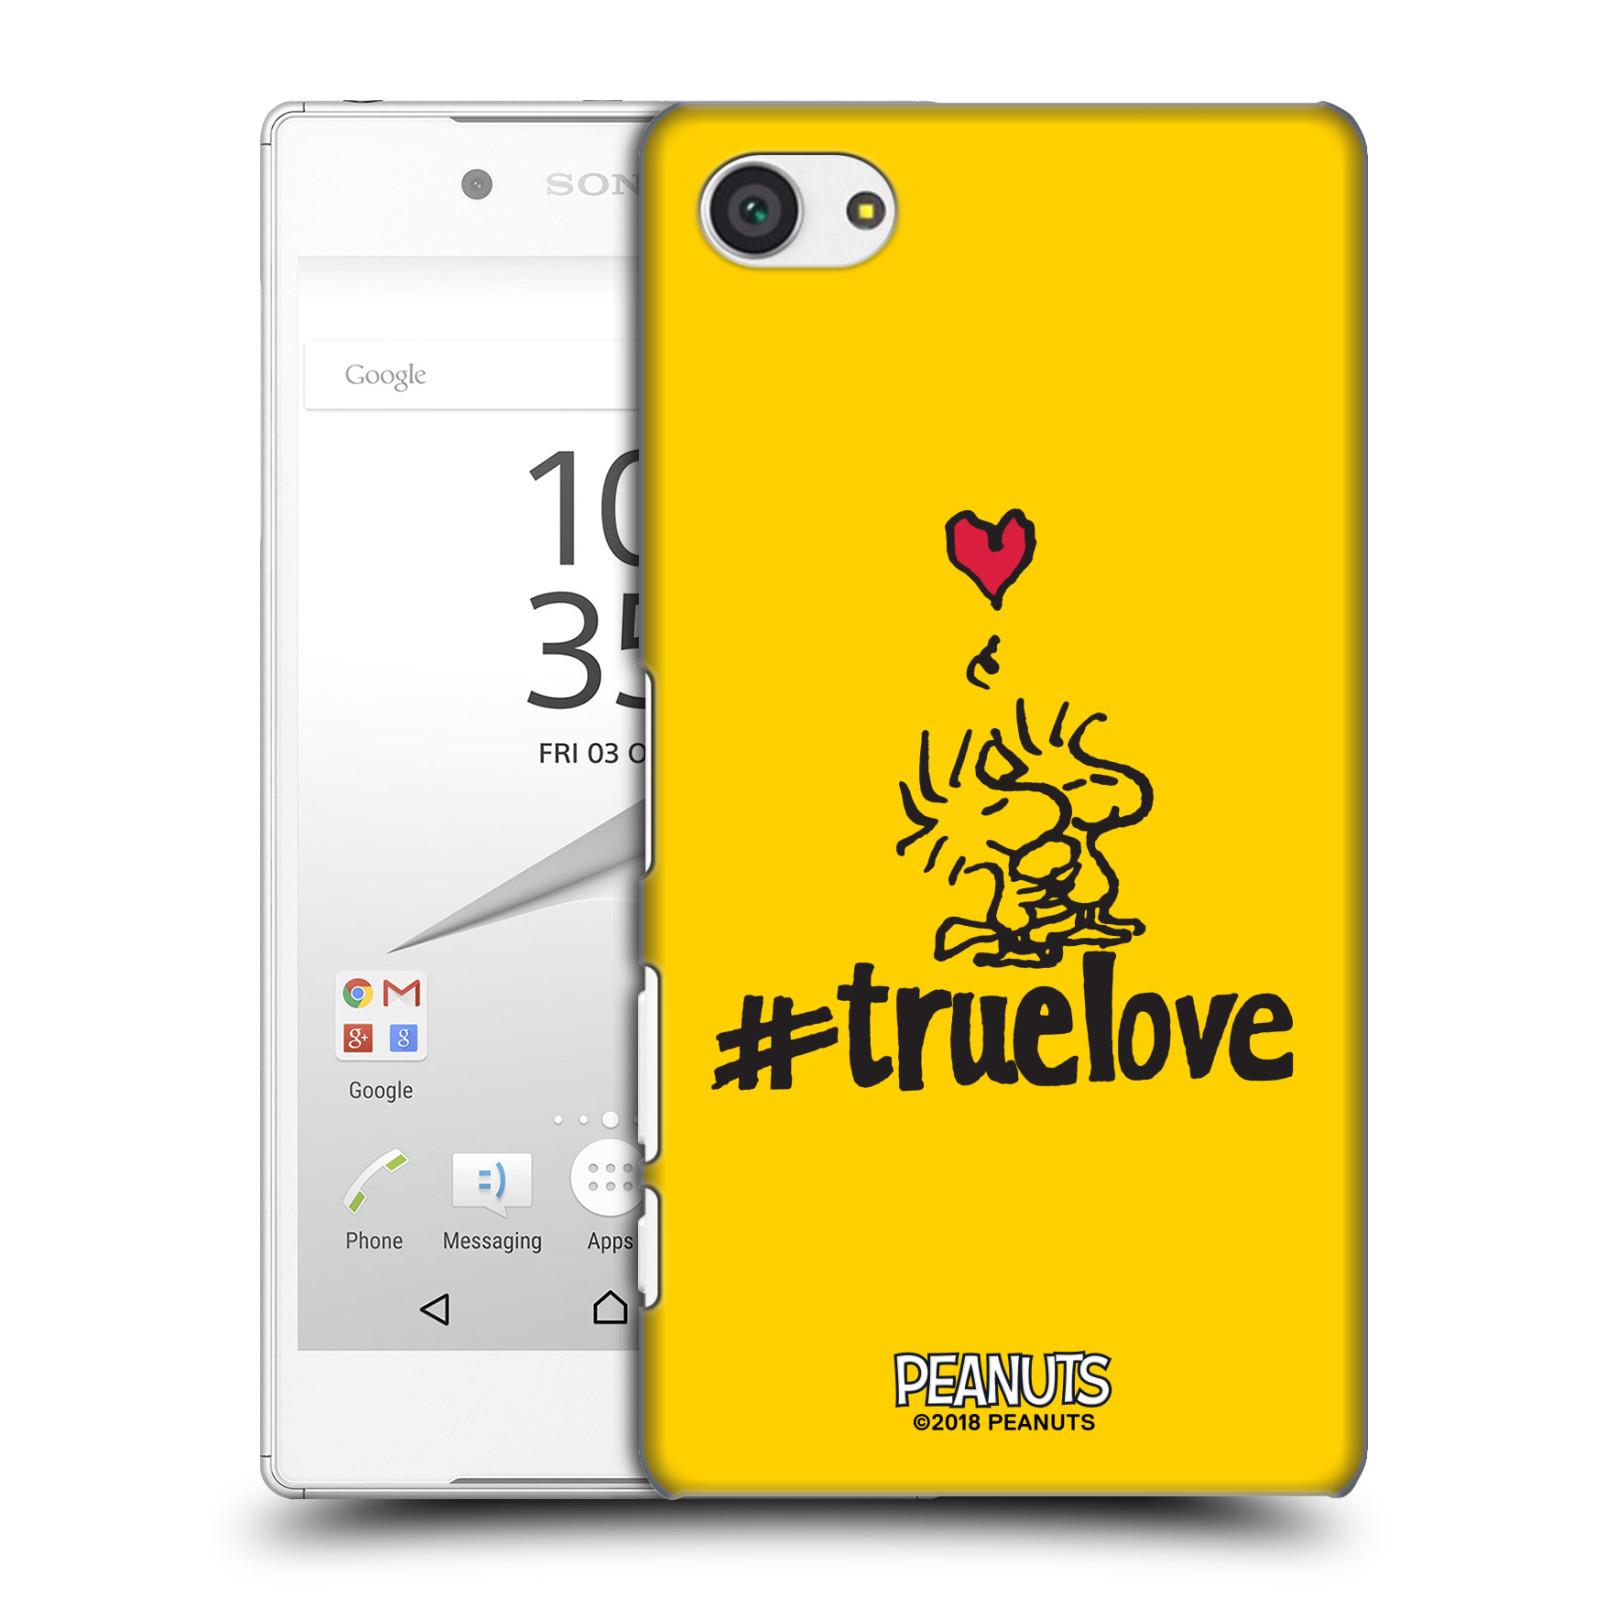 Pouzdro na mobil Sony Xperia Z5 COMPACT Oficiální motiv Peanuts ptáčci žlutá barva srdíčko